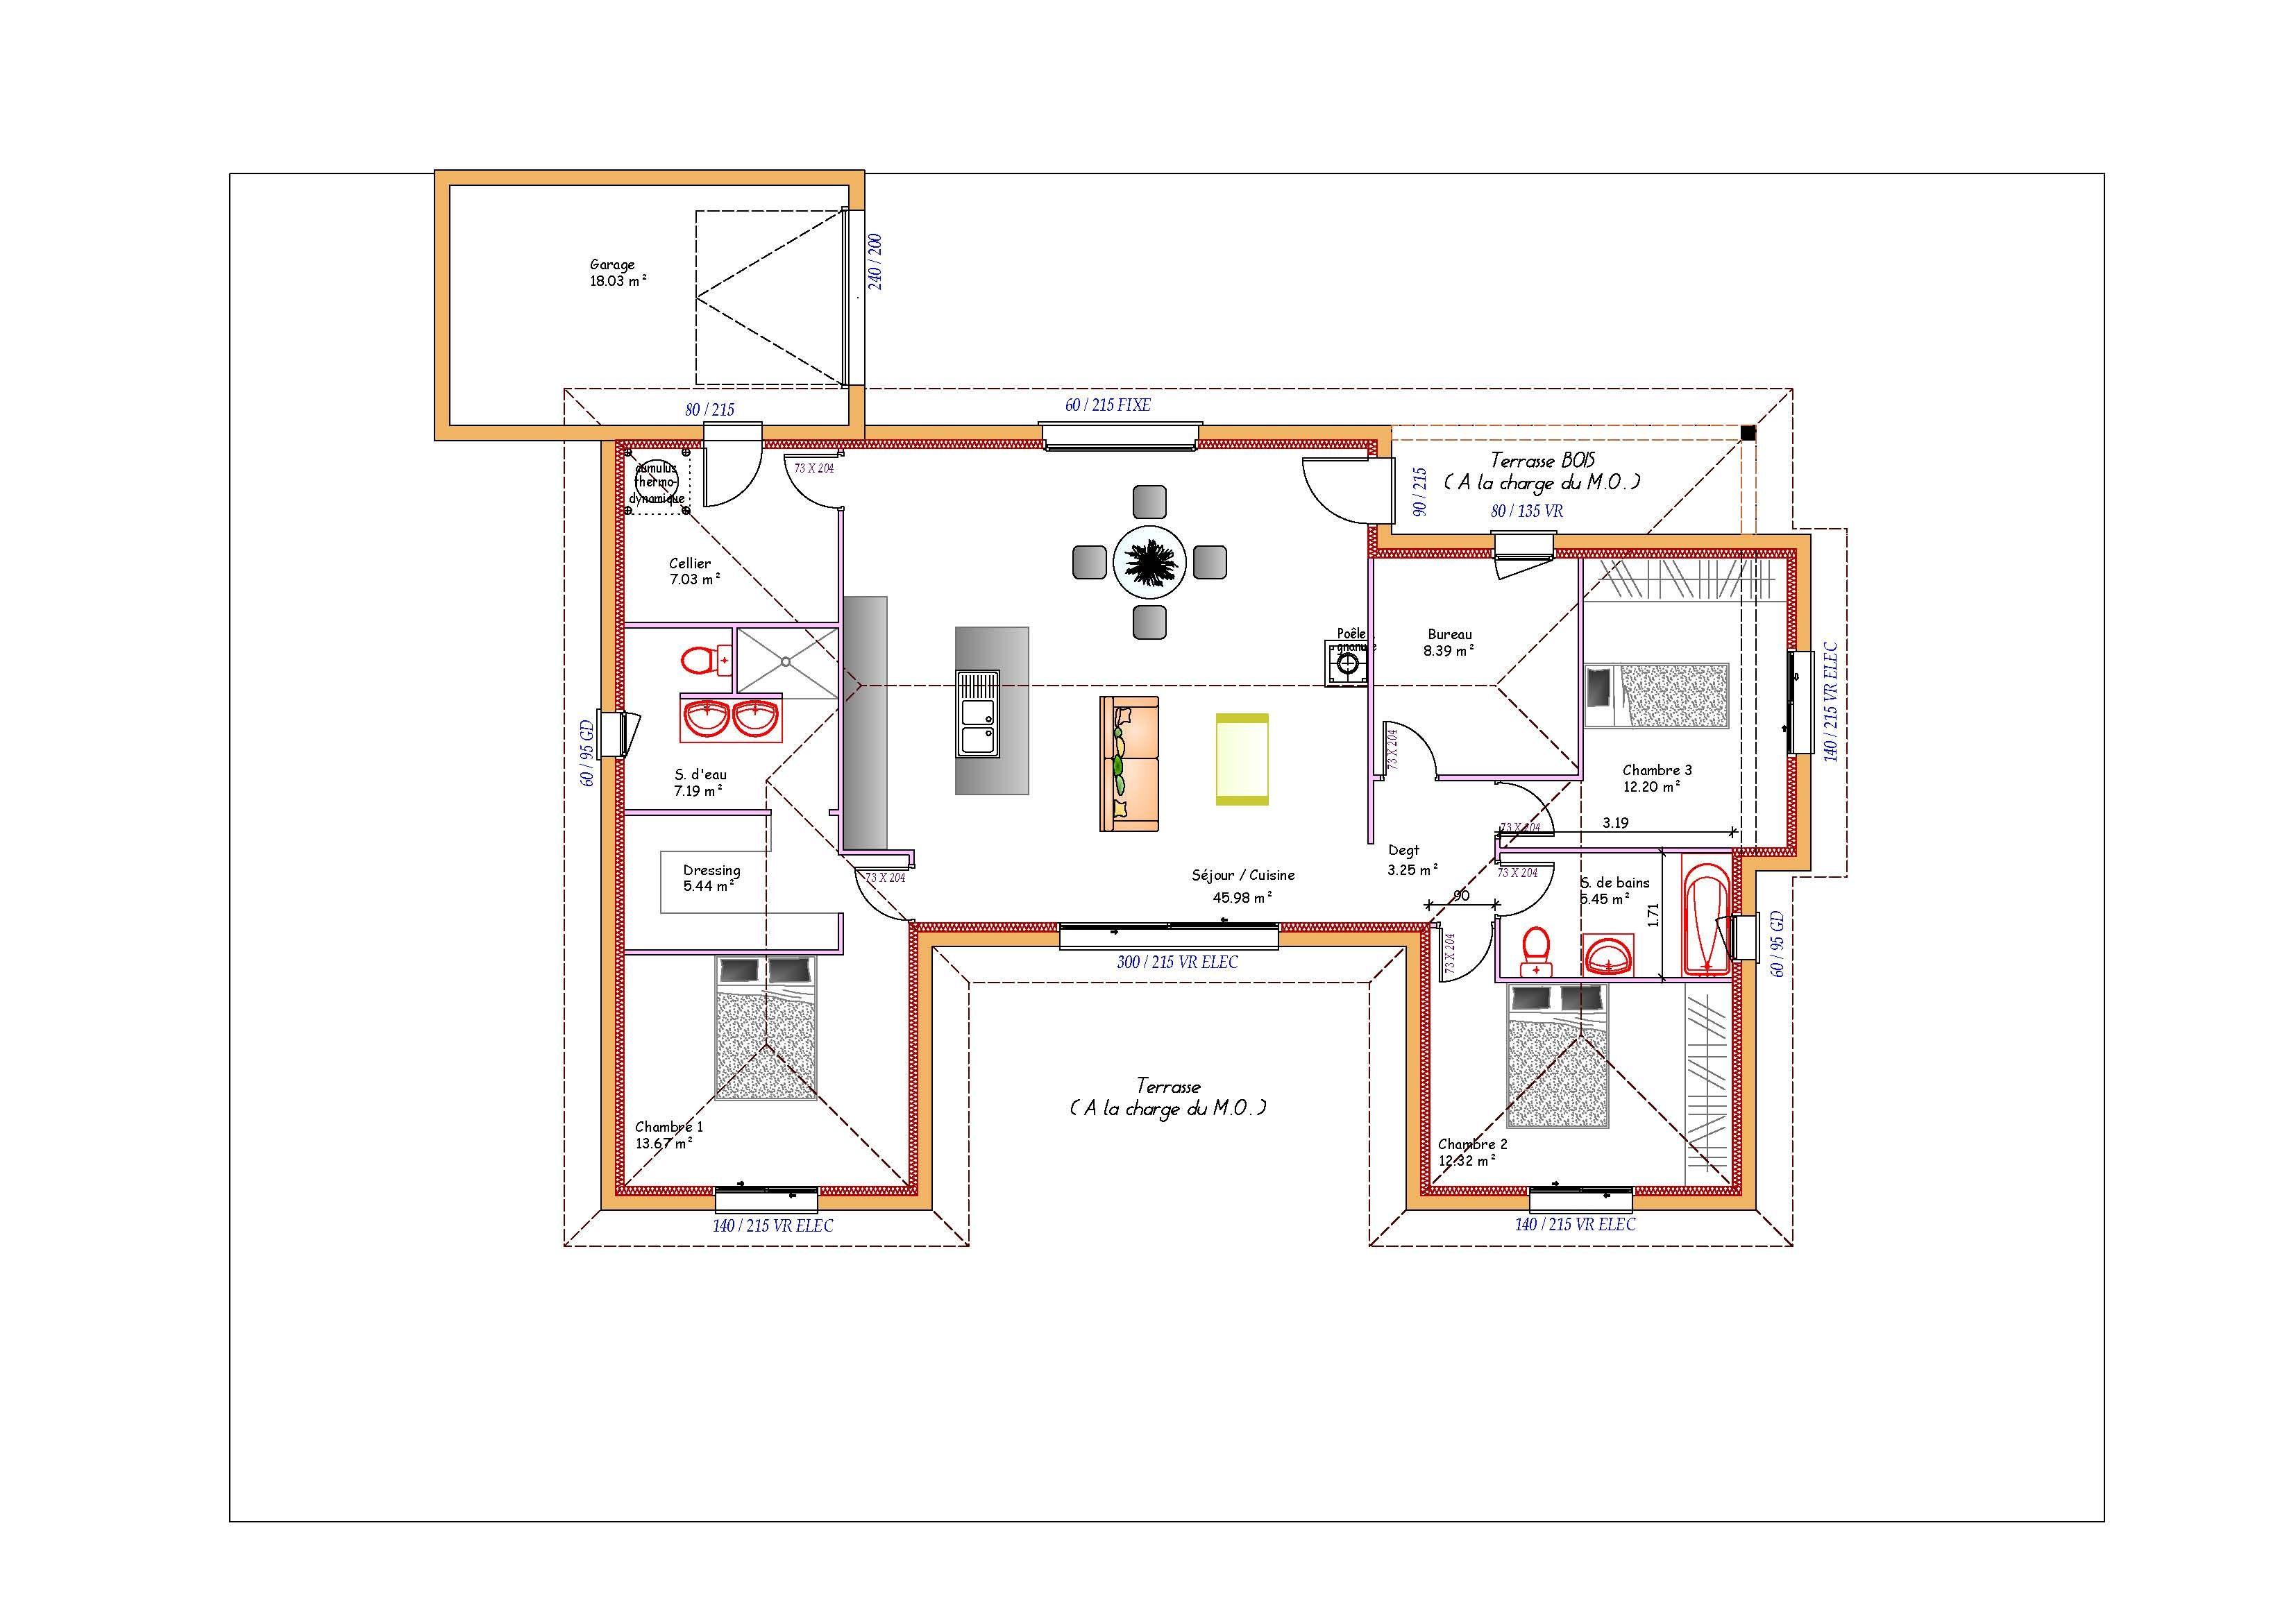 plan de maison s+1